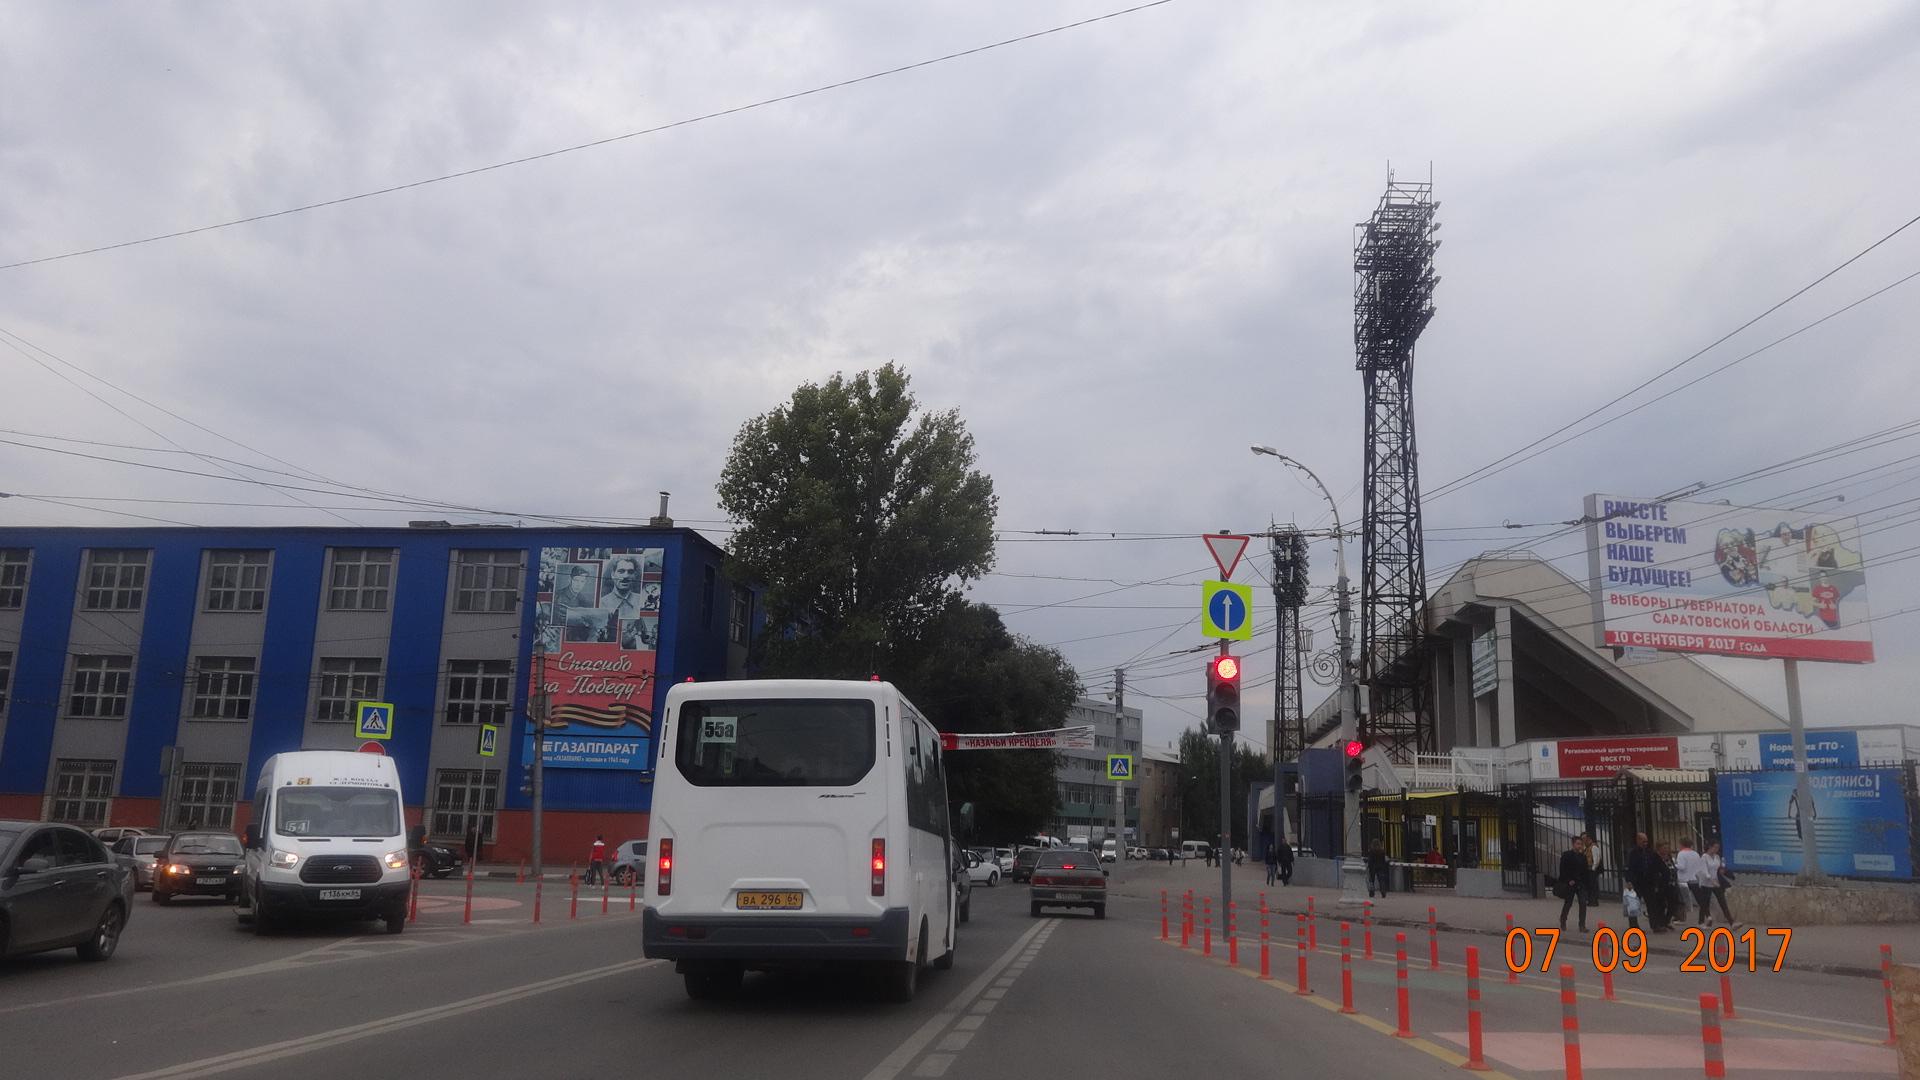 ул. Аткарская, 29 - ул. Б. Казачья